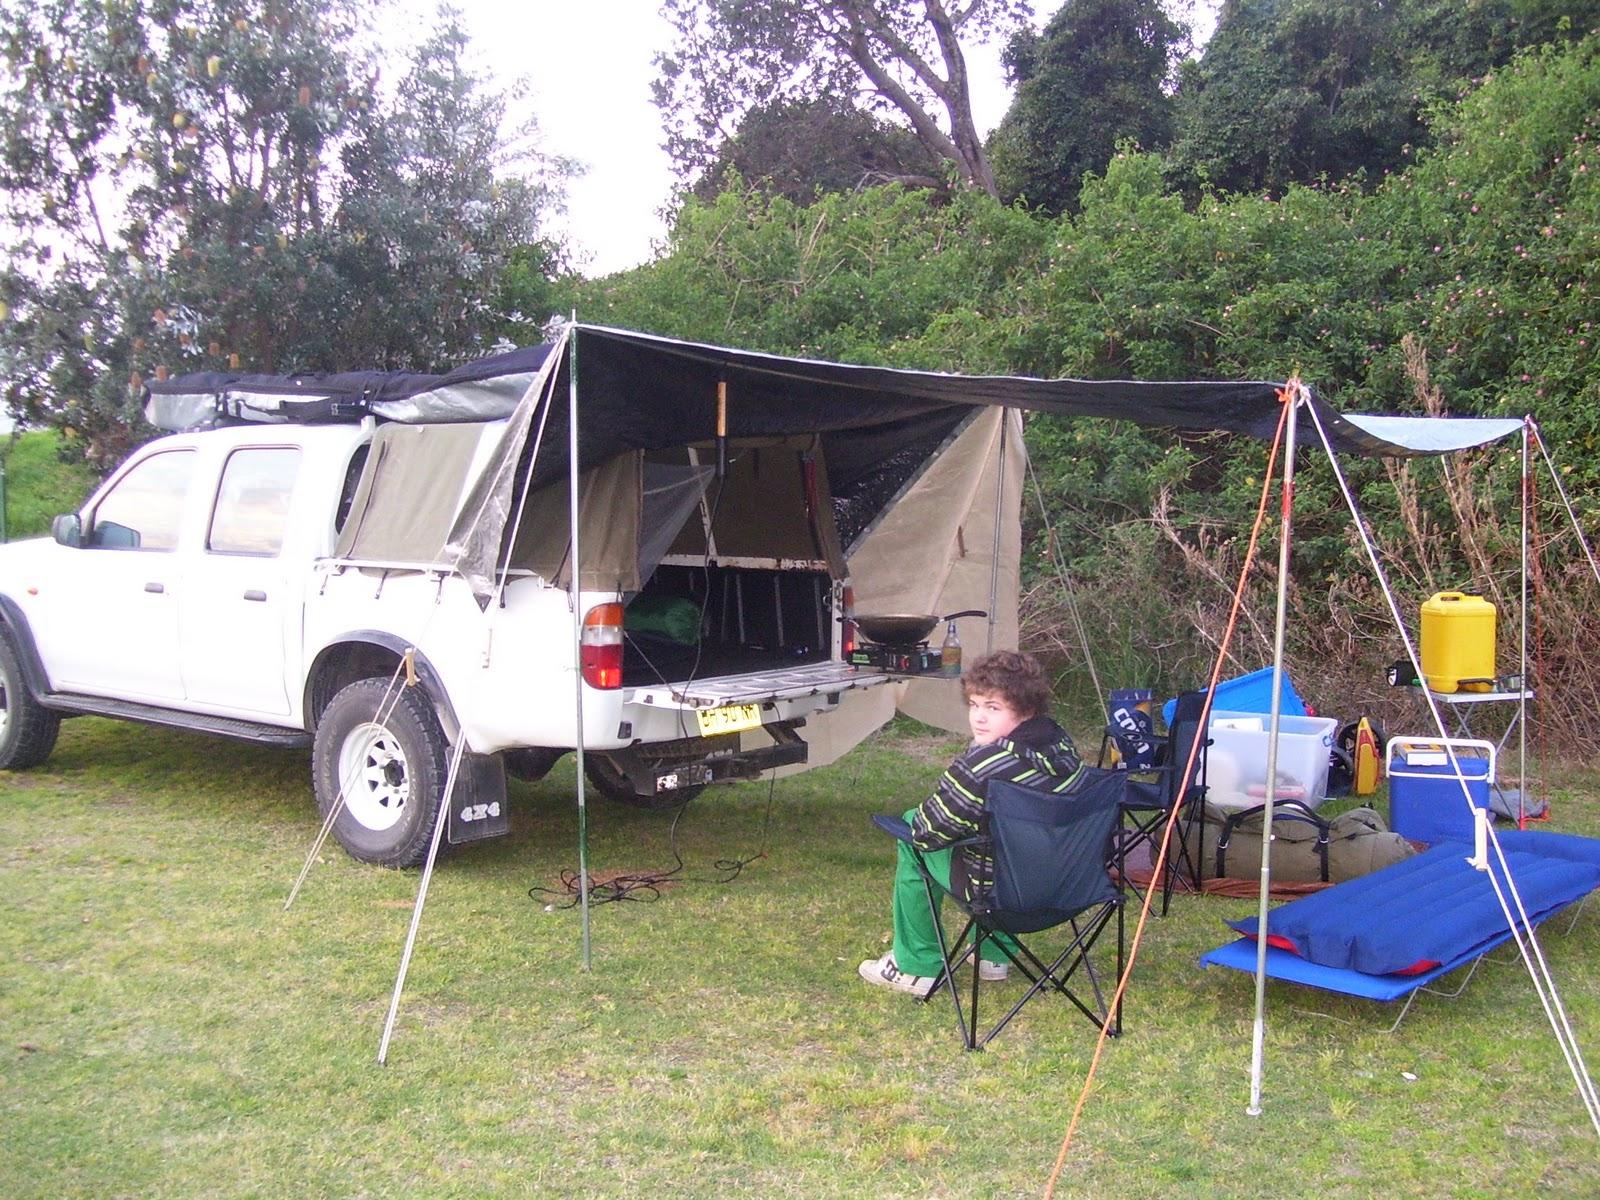 All Purpose C&ing - Surfing - Hunting Ute. & Caravans by JOATMAN!: All Purpose Camping - Surfing - Hunting Ute.